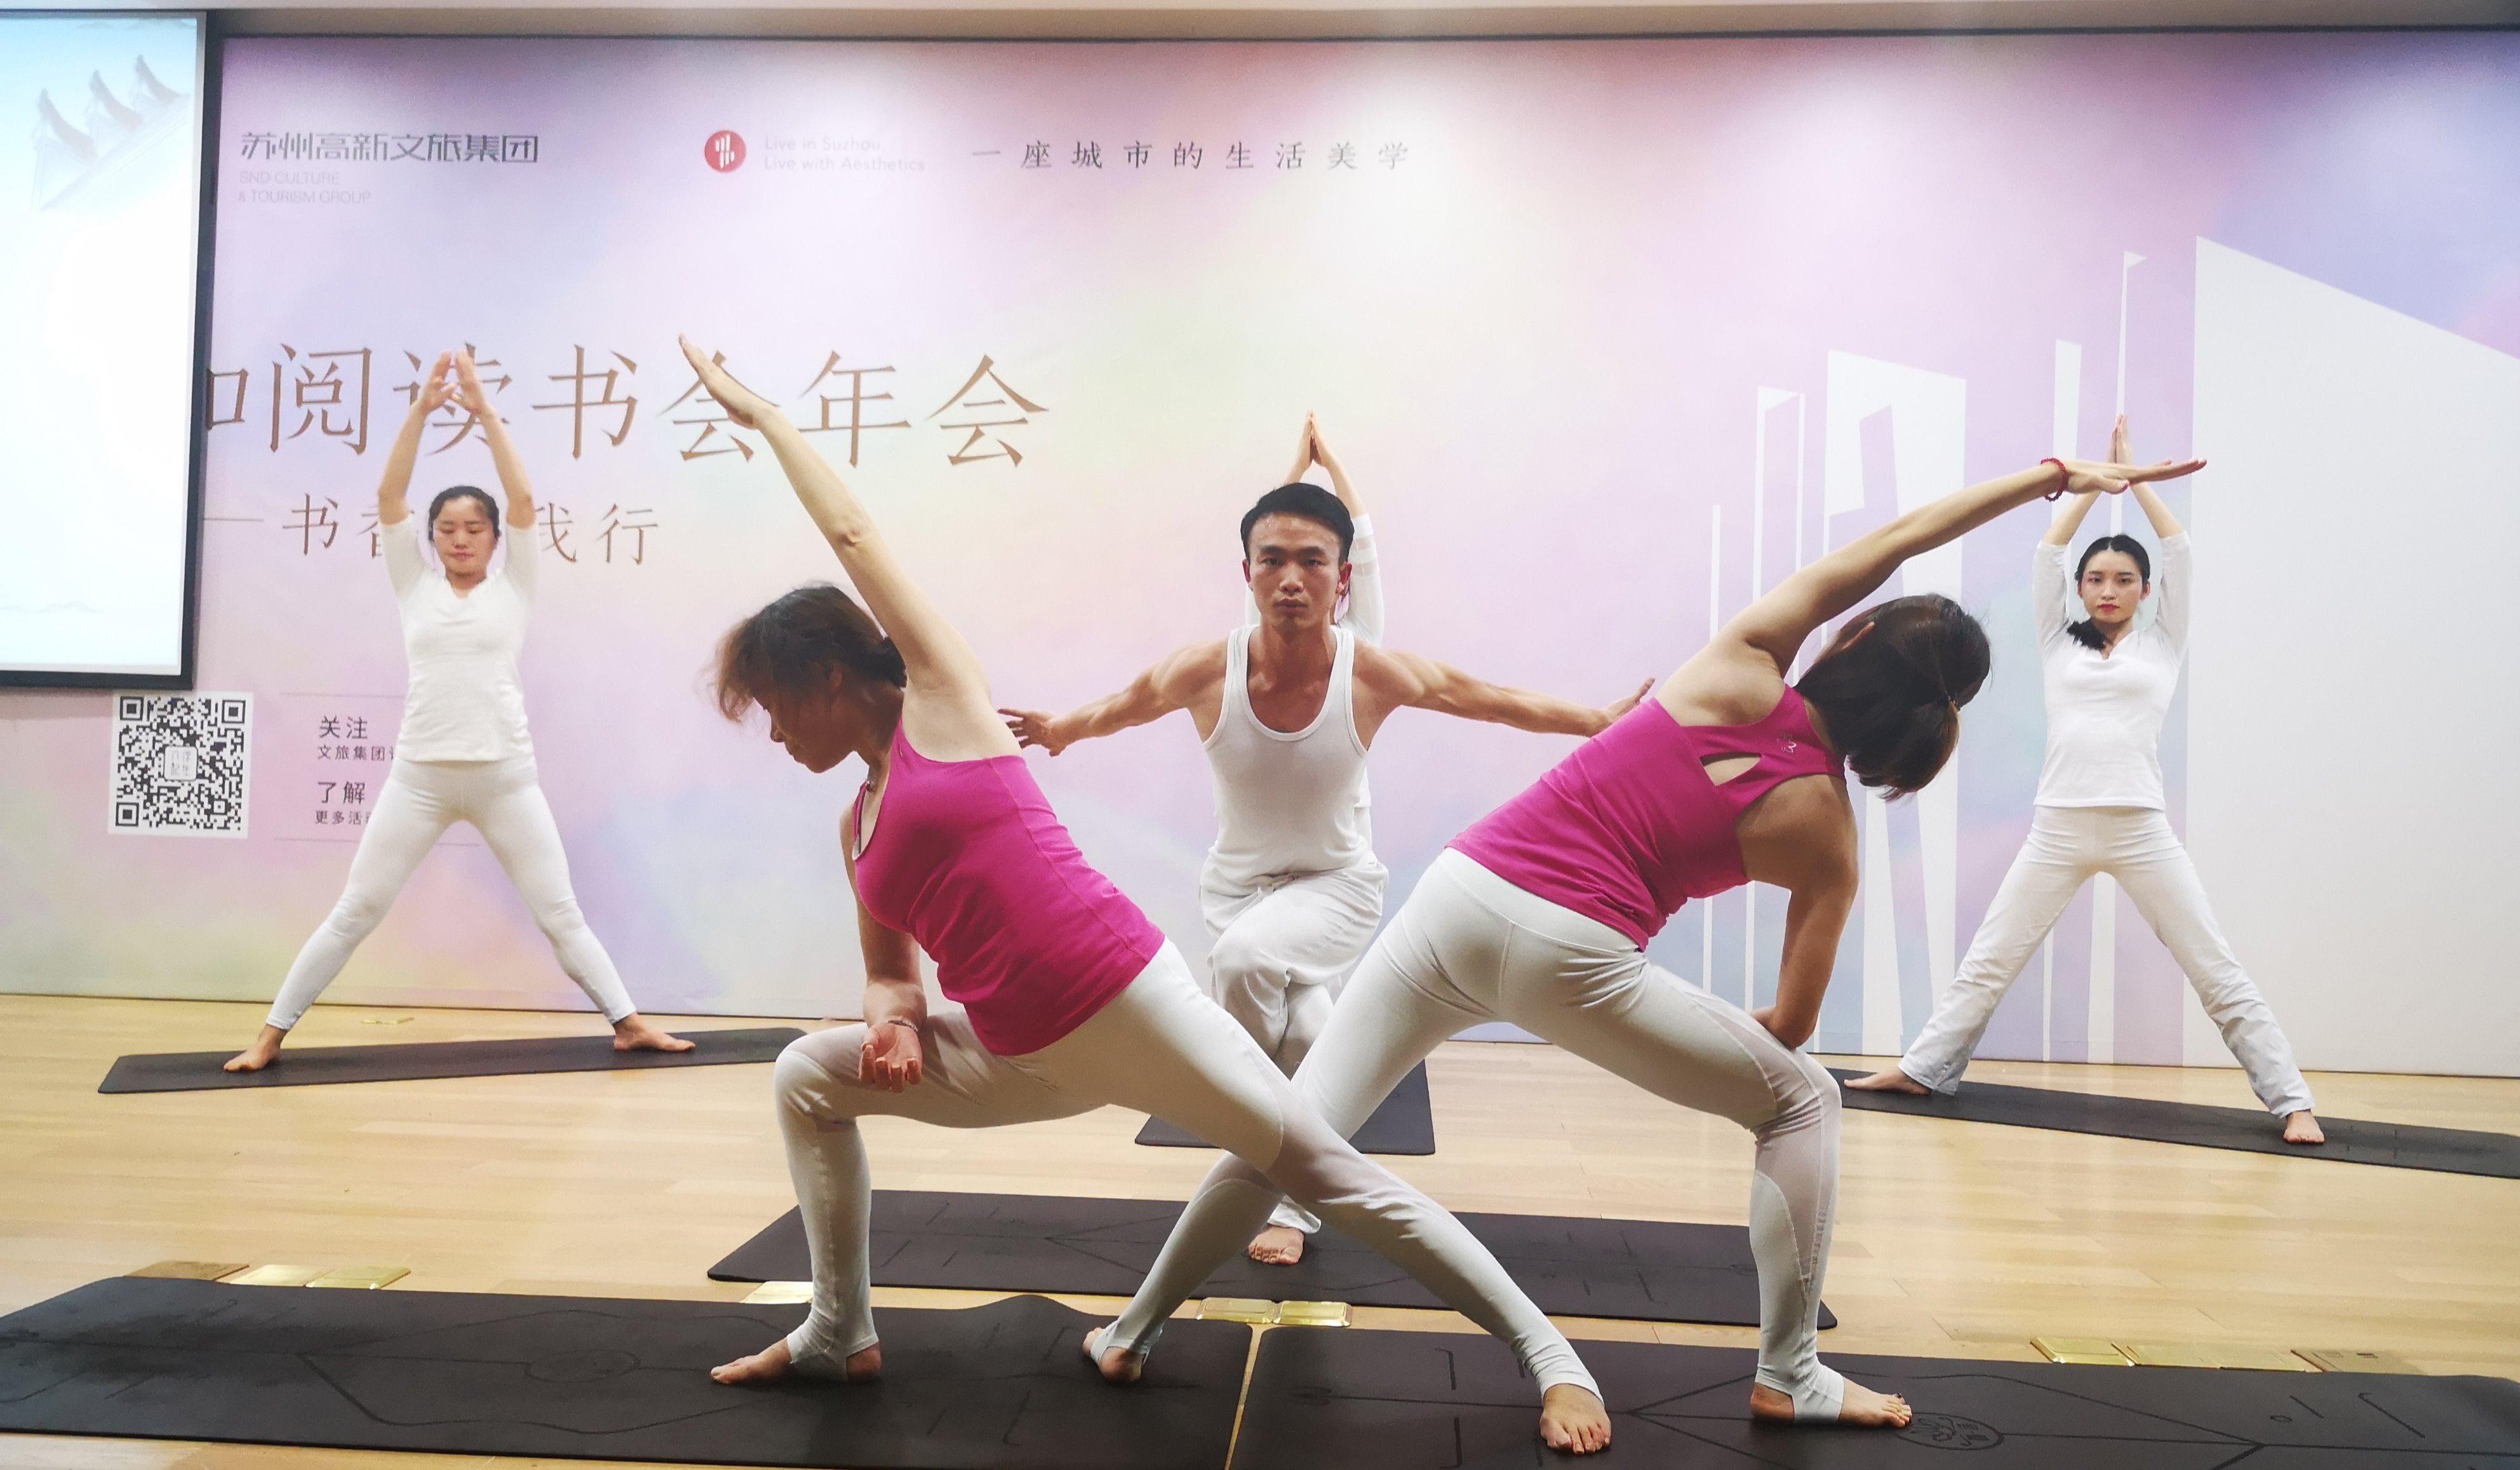 【健康公益课】办公室瑜伽:碎片时间快速瑜伽